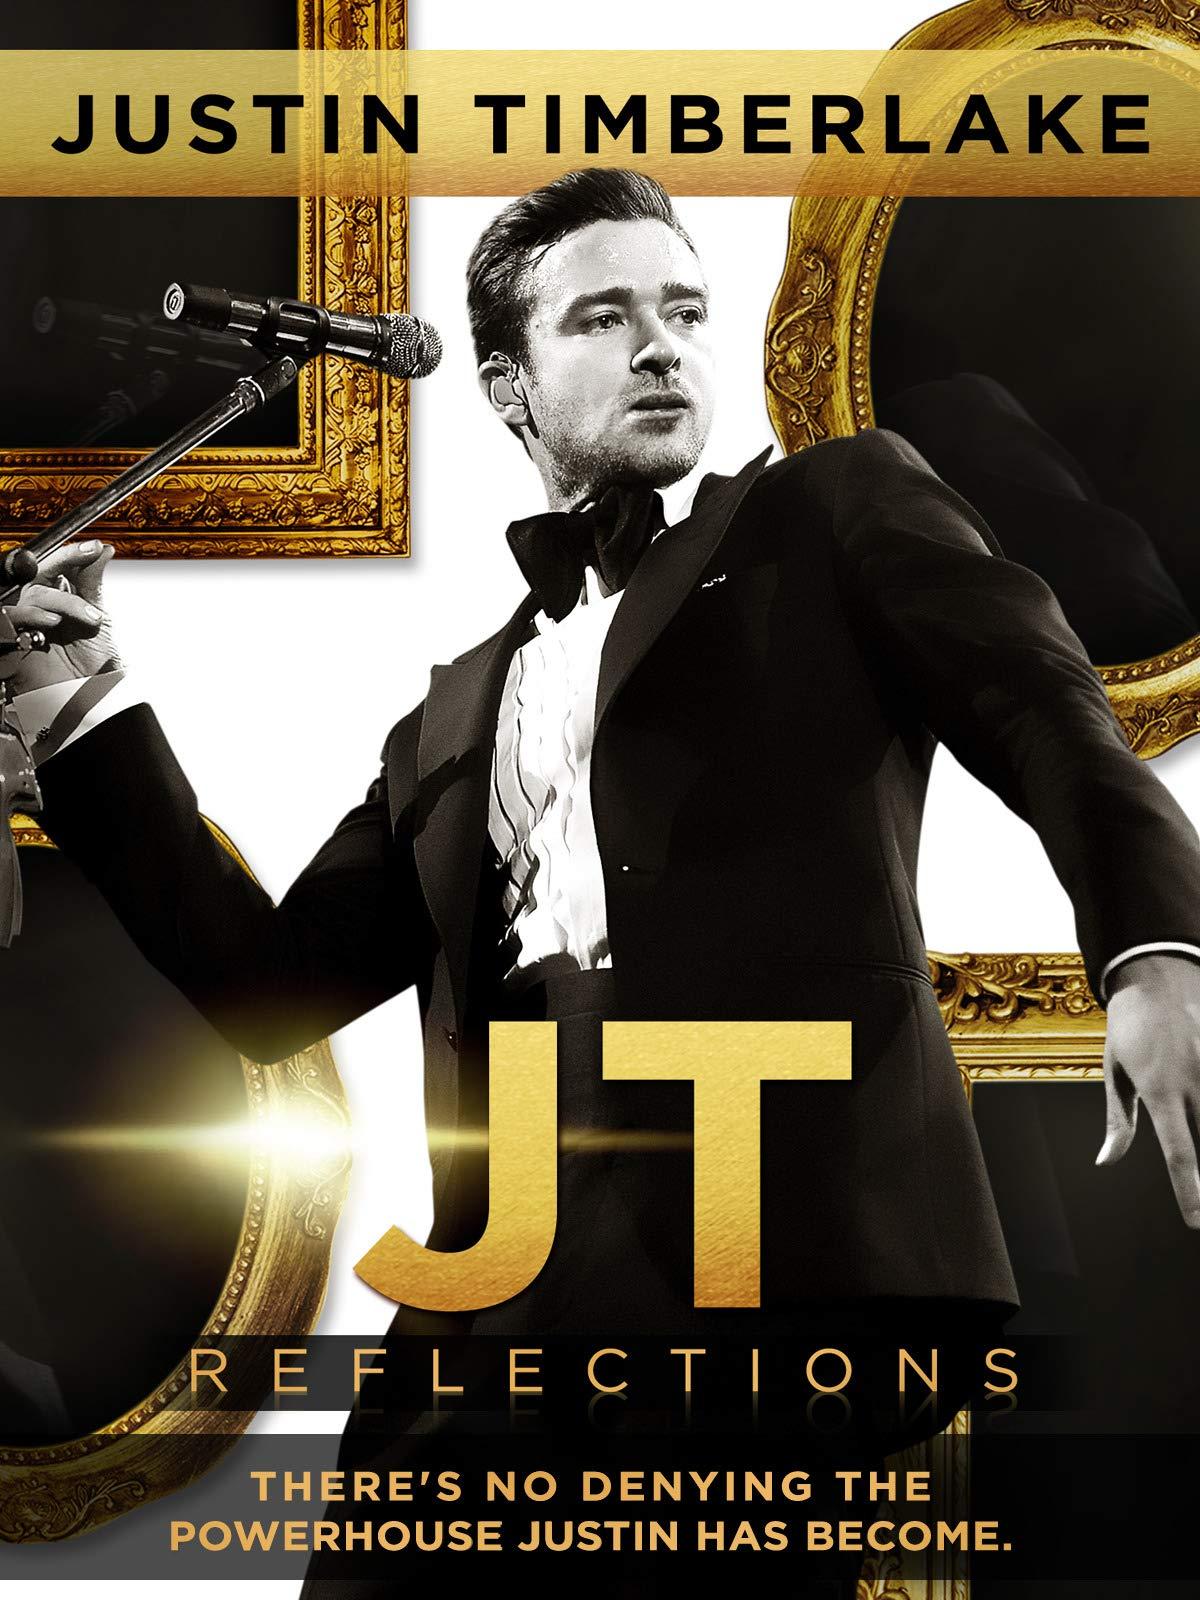 Justin Timberlake Reflections